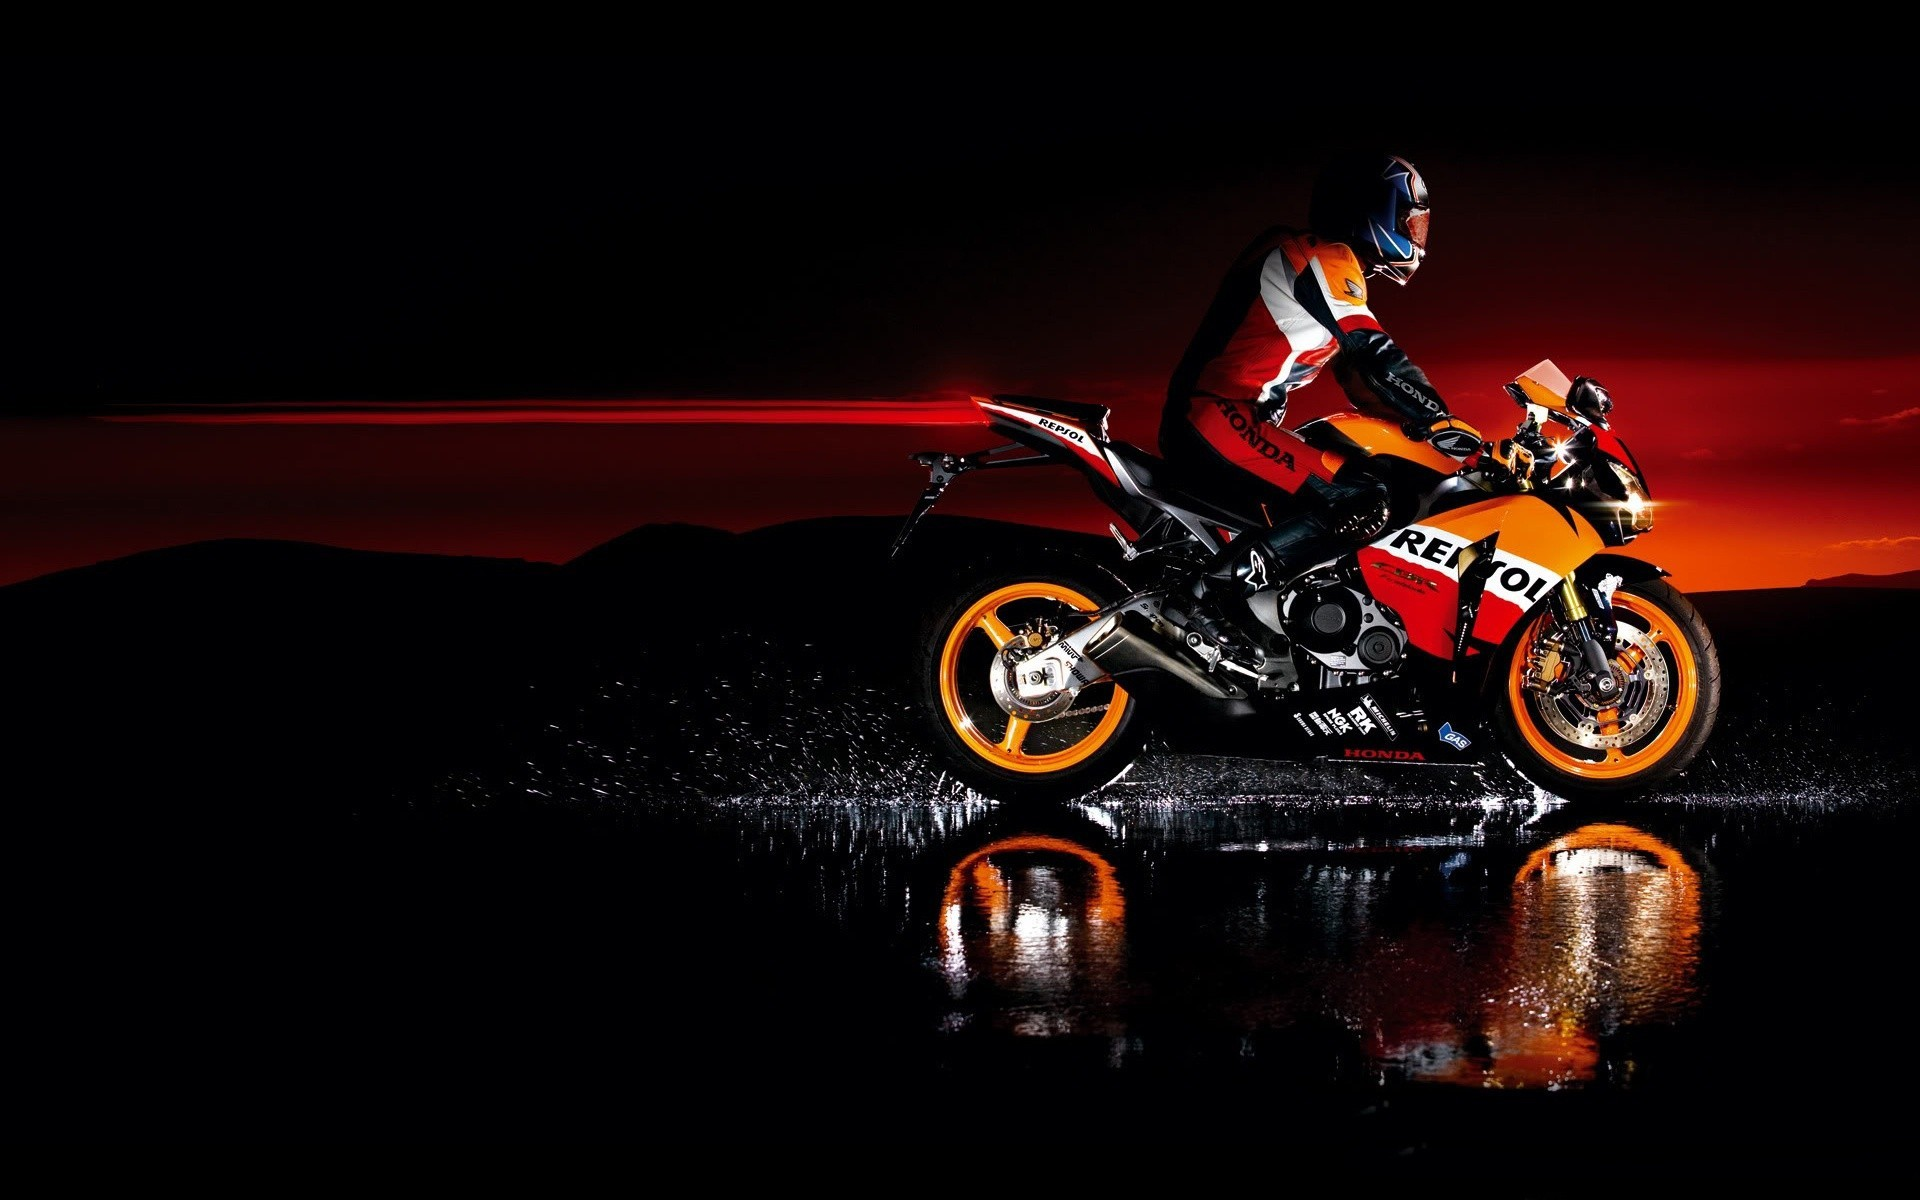 Картинка: Байкер, брызги, вода, закат, мотоцикл, байк, Honda, Repsol, свет